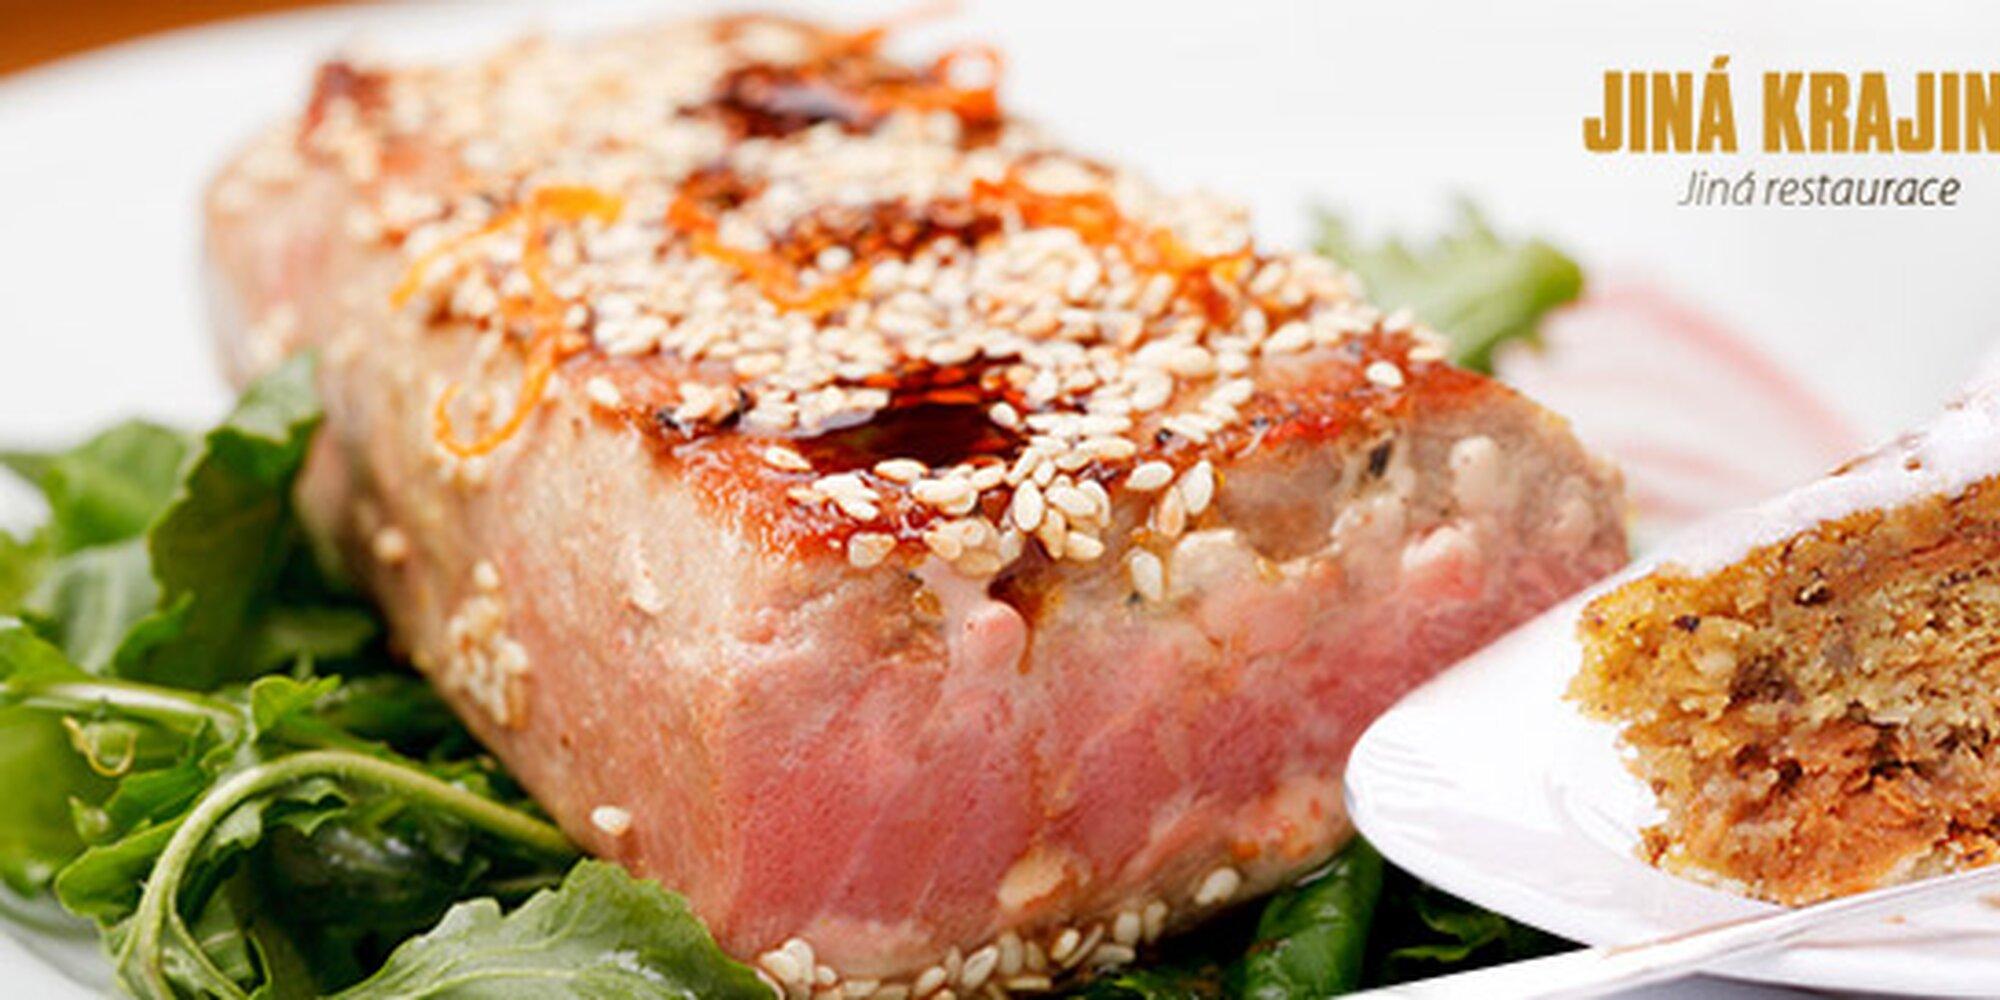 Стейк из тунца на сковороде рецепт